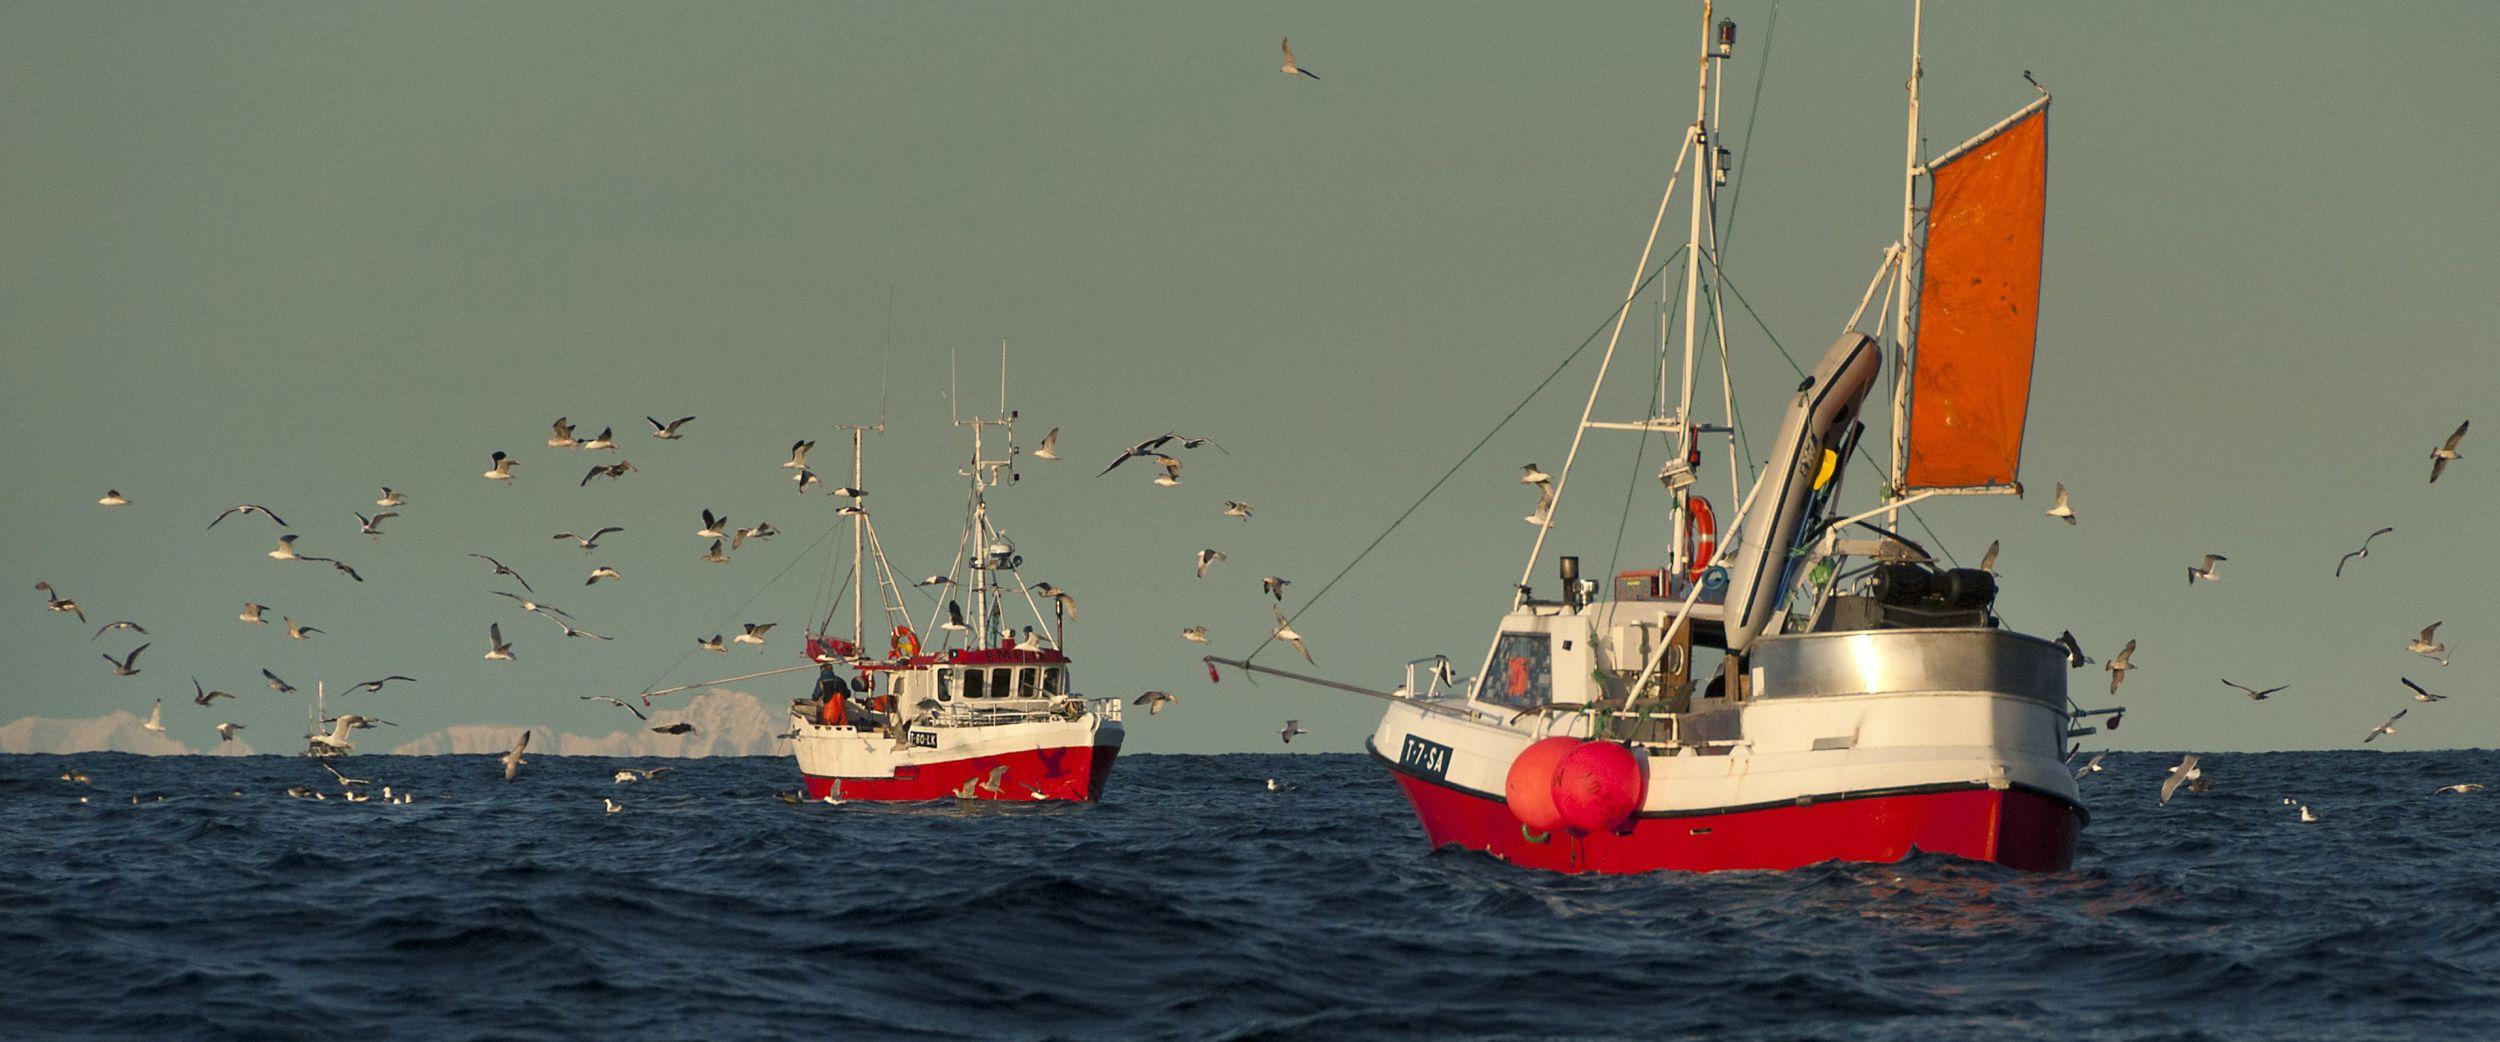 Fishery in Lofoten, Photo: Reiner Schaufler, nordnorge.com